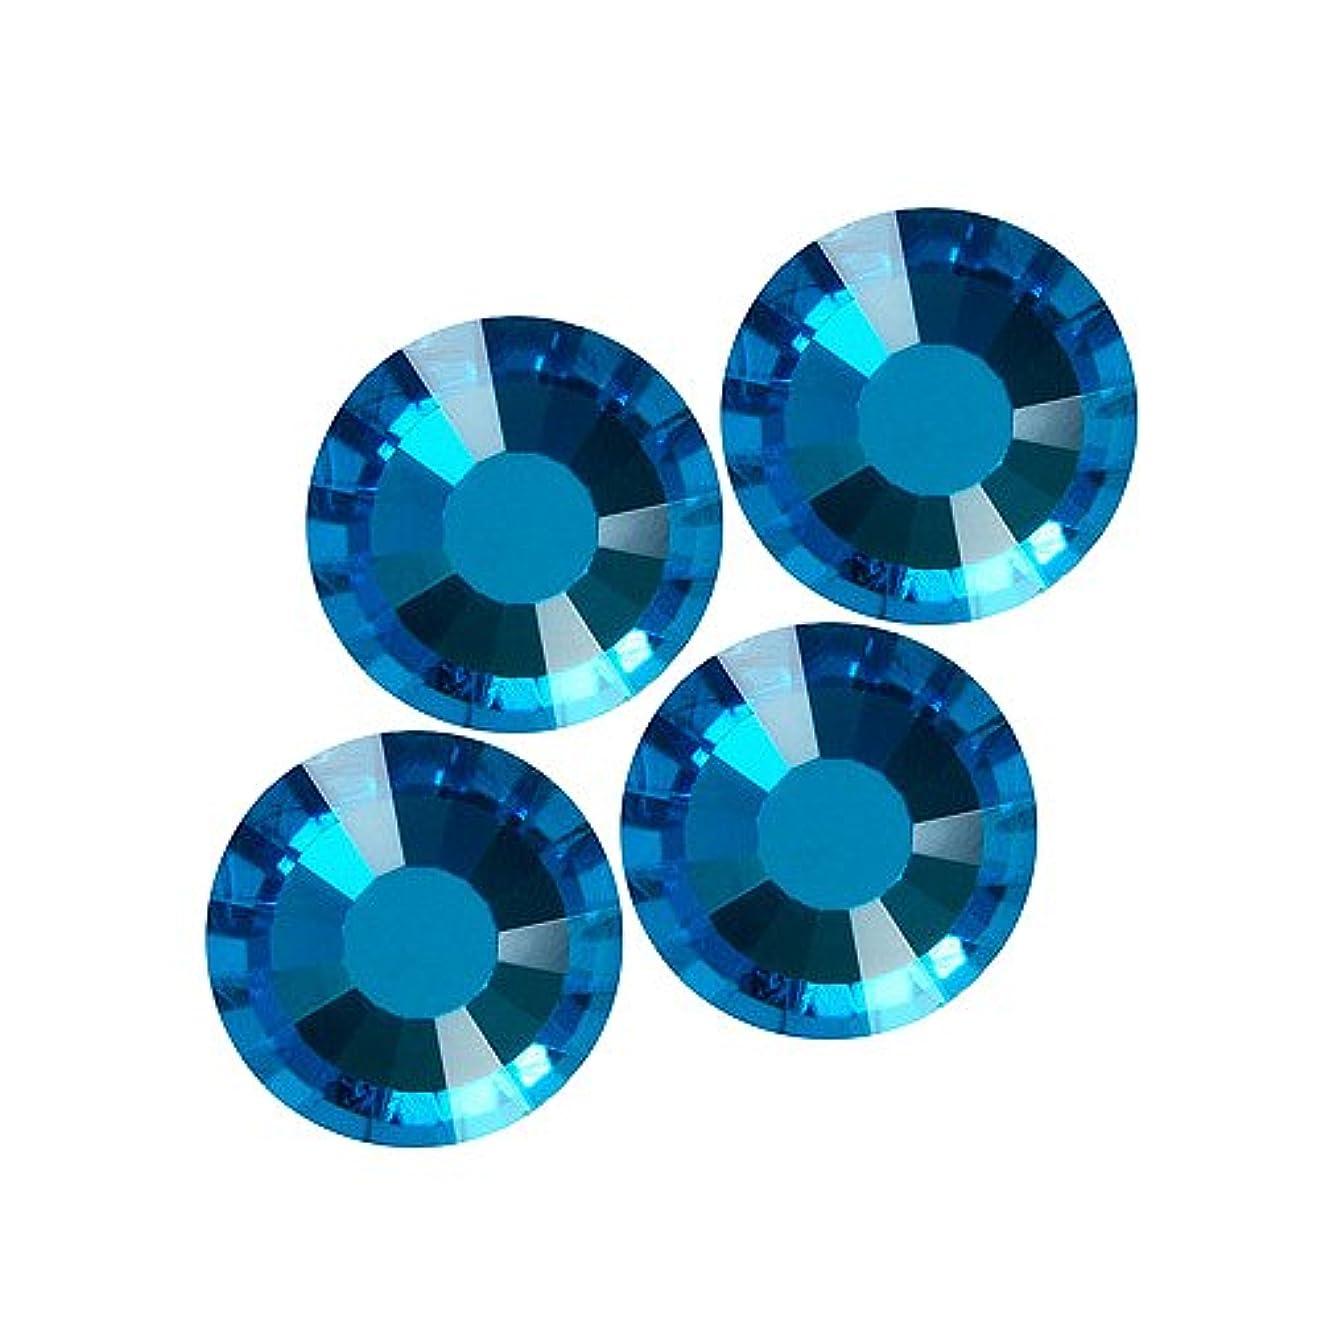 ブランド名皮肉な有名人バイナル DIAMOND RHINESTONE ブルージルコン SS8 720粒 ST-SS8-BUZ-5G